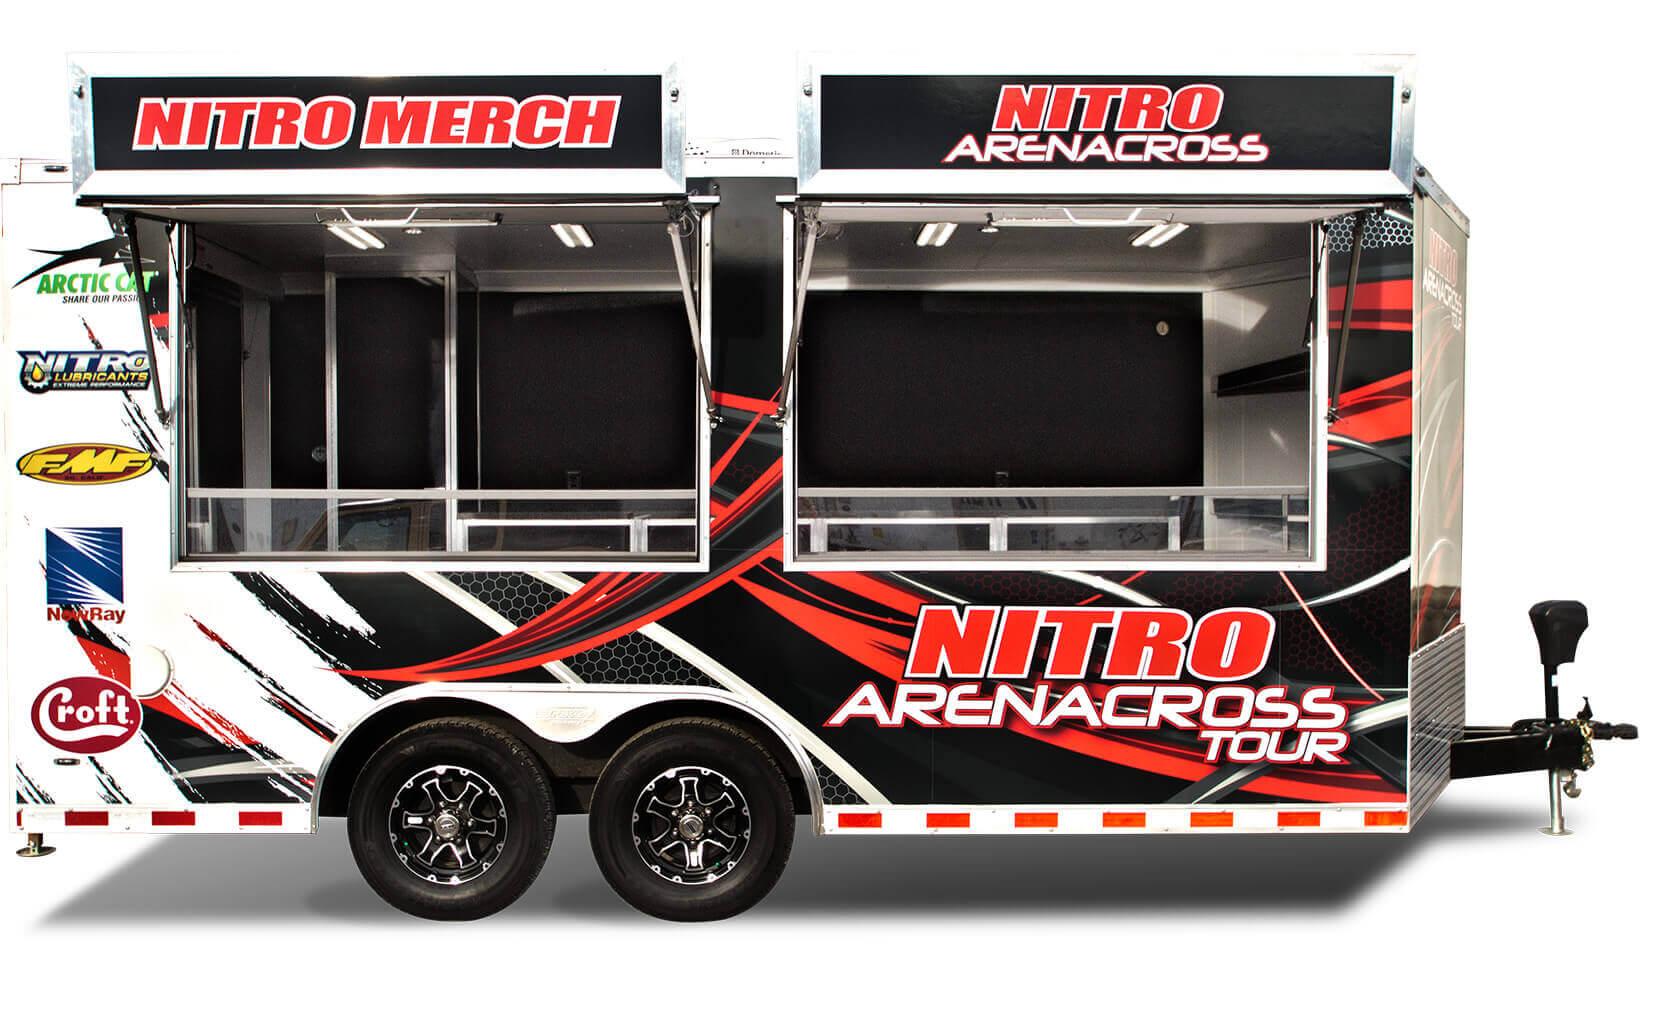 Nitro Arenacross Trailer